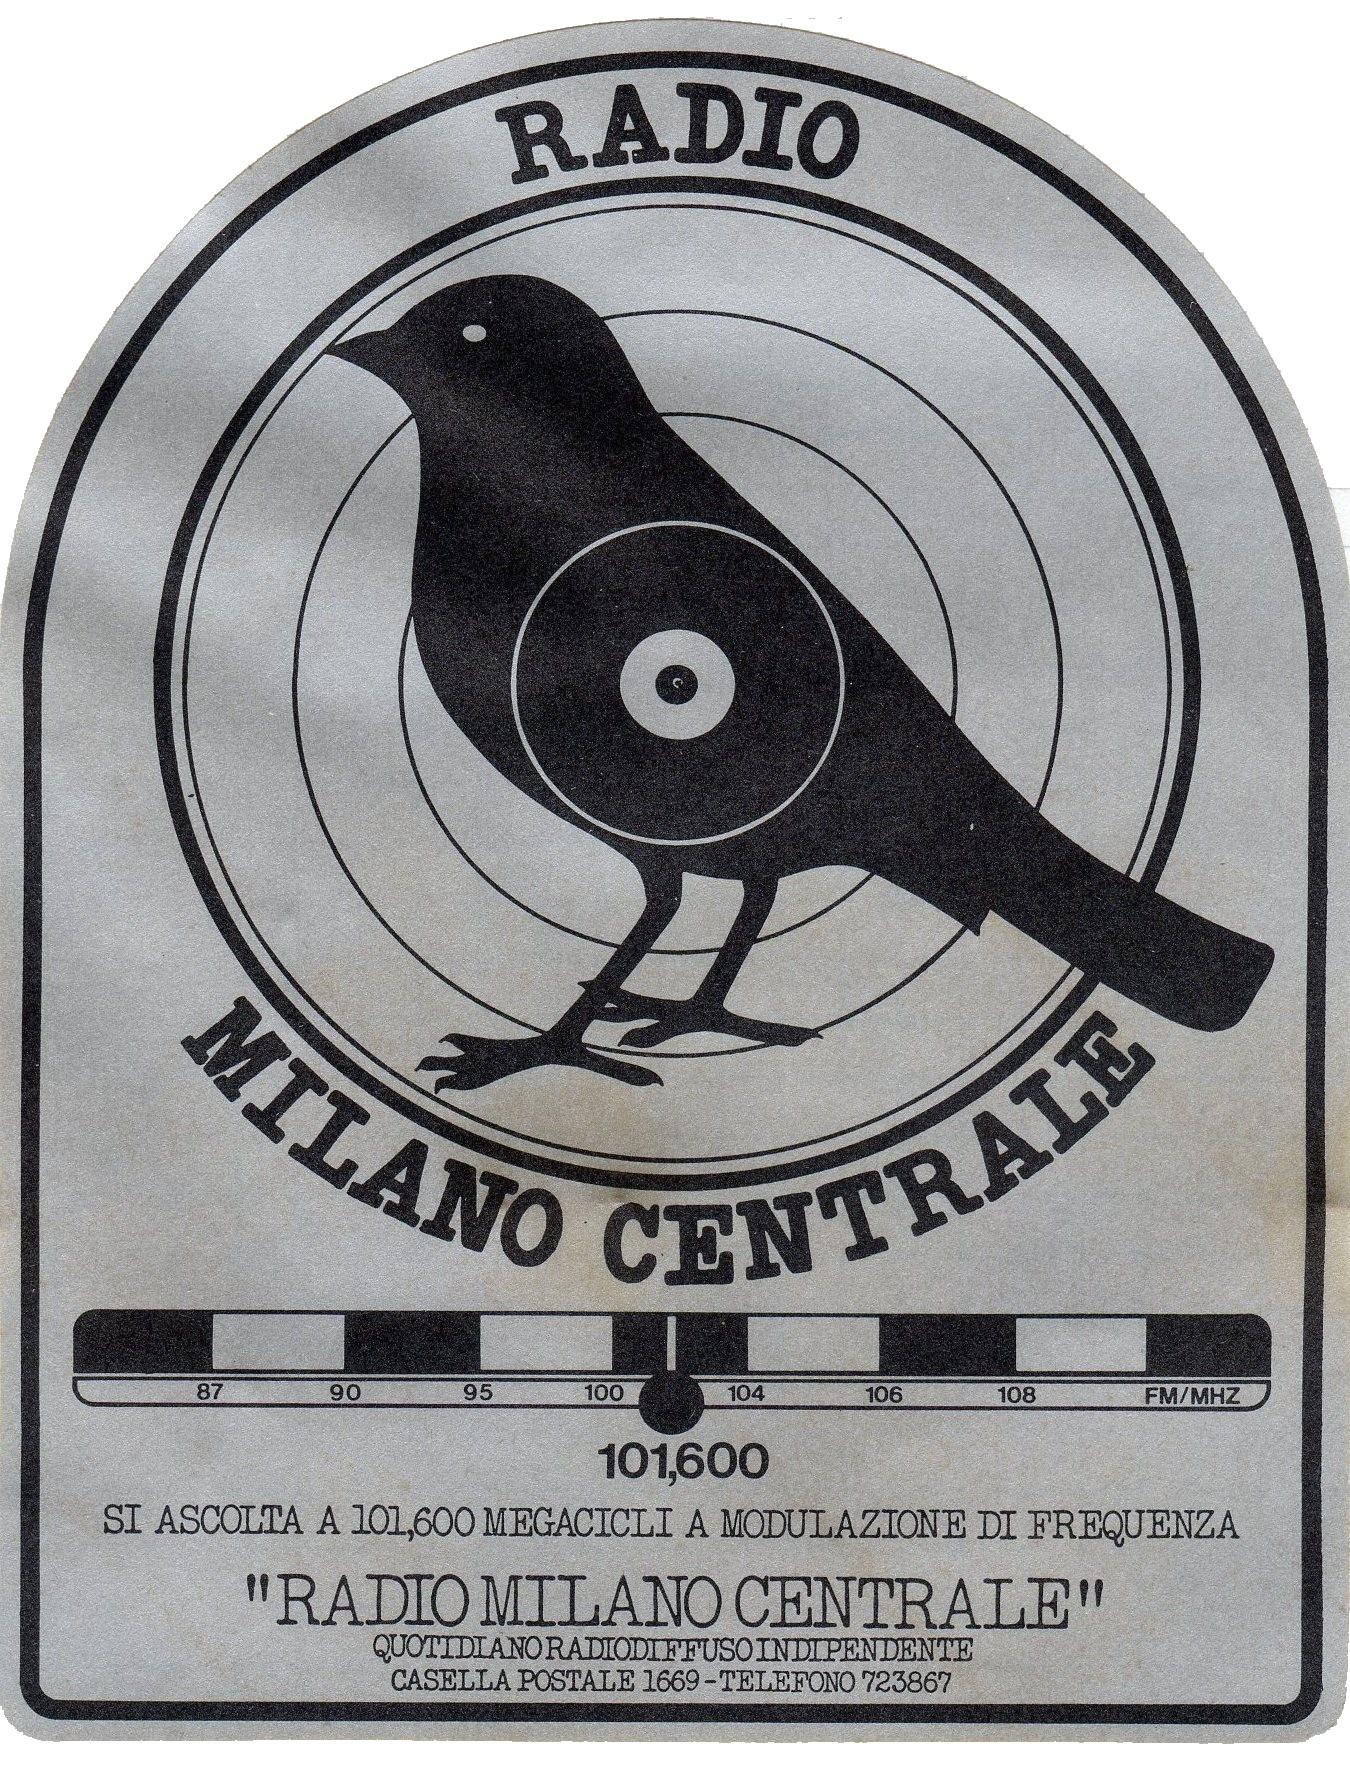 Radio20Milano20Centrale - Storia della radiotelevisione italiana. Lombardia: da Radio Regione a Italia Radio sull'esperienza di Milano Centrale